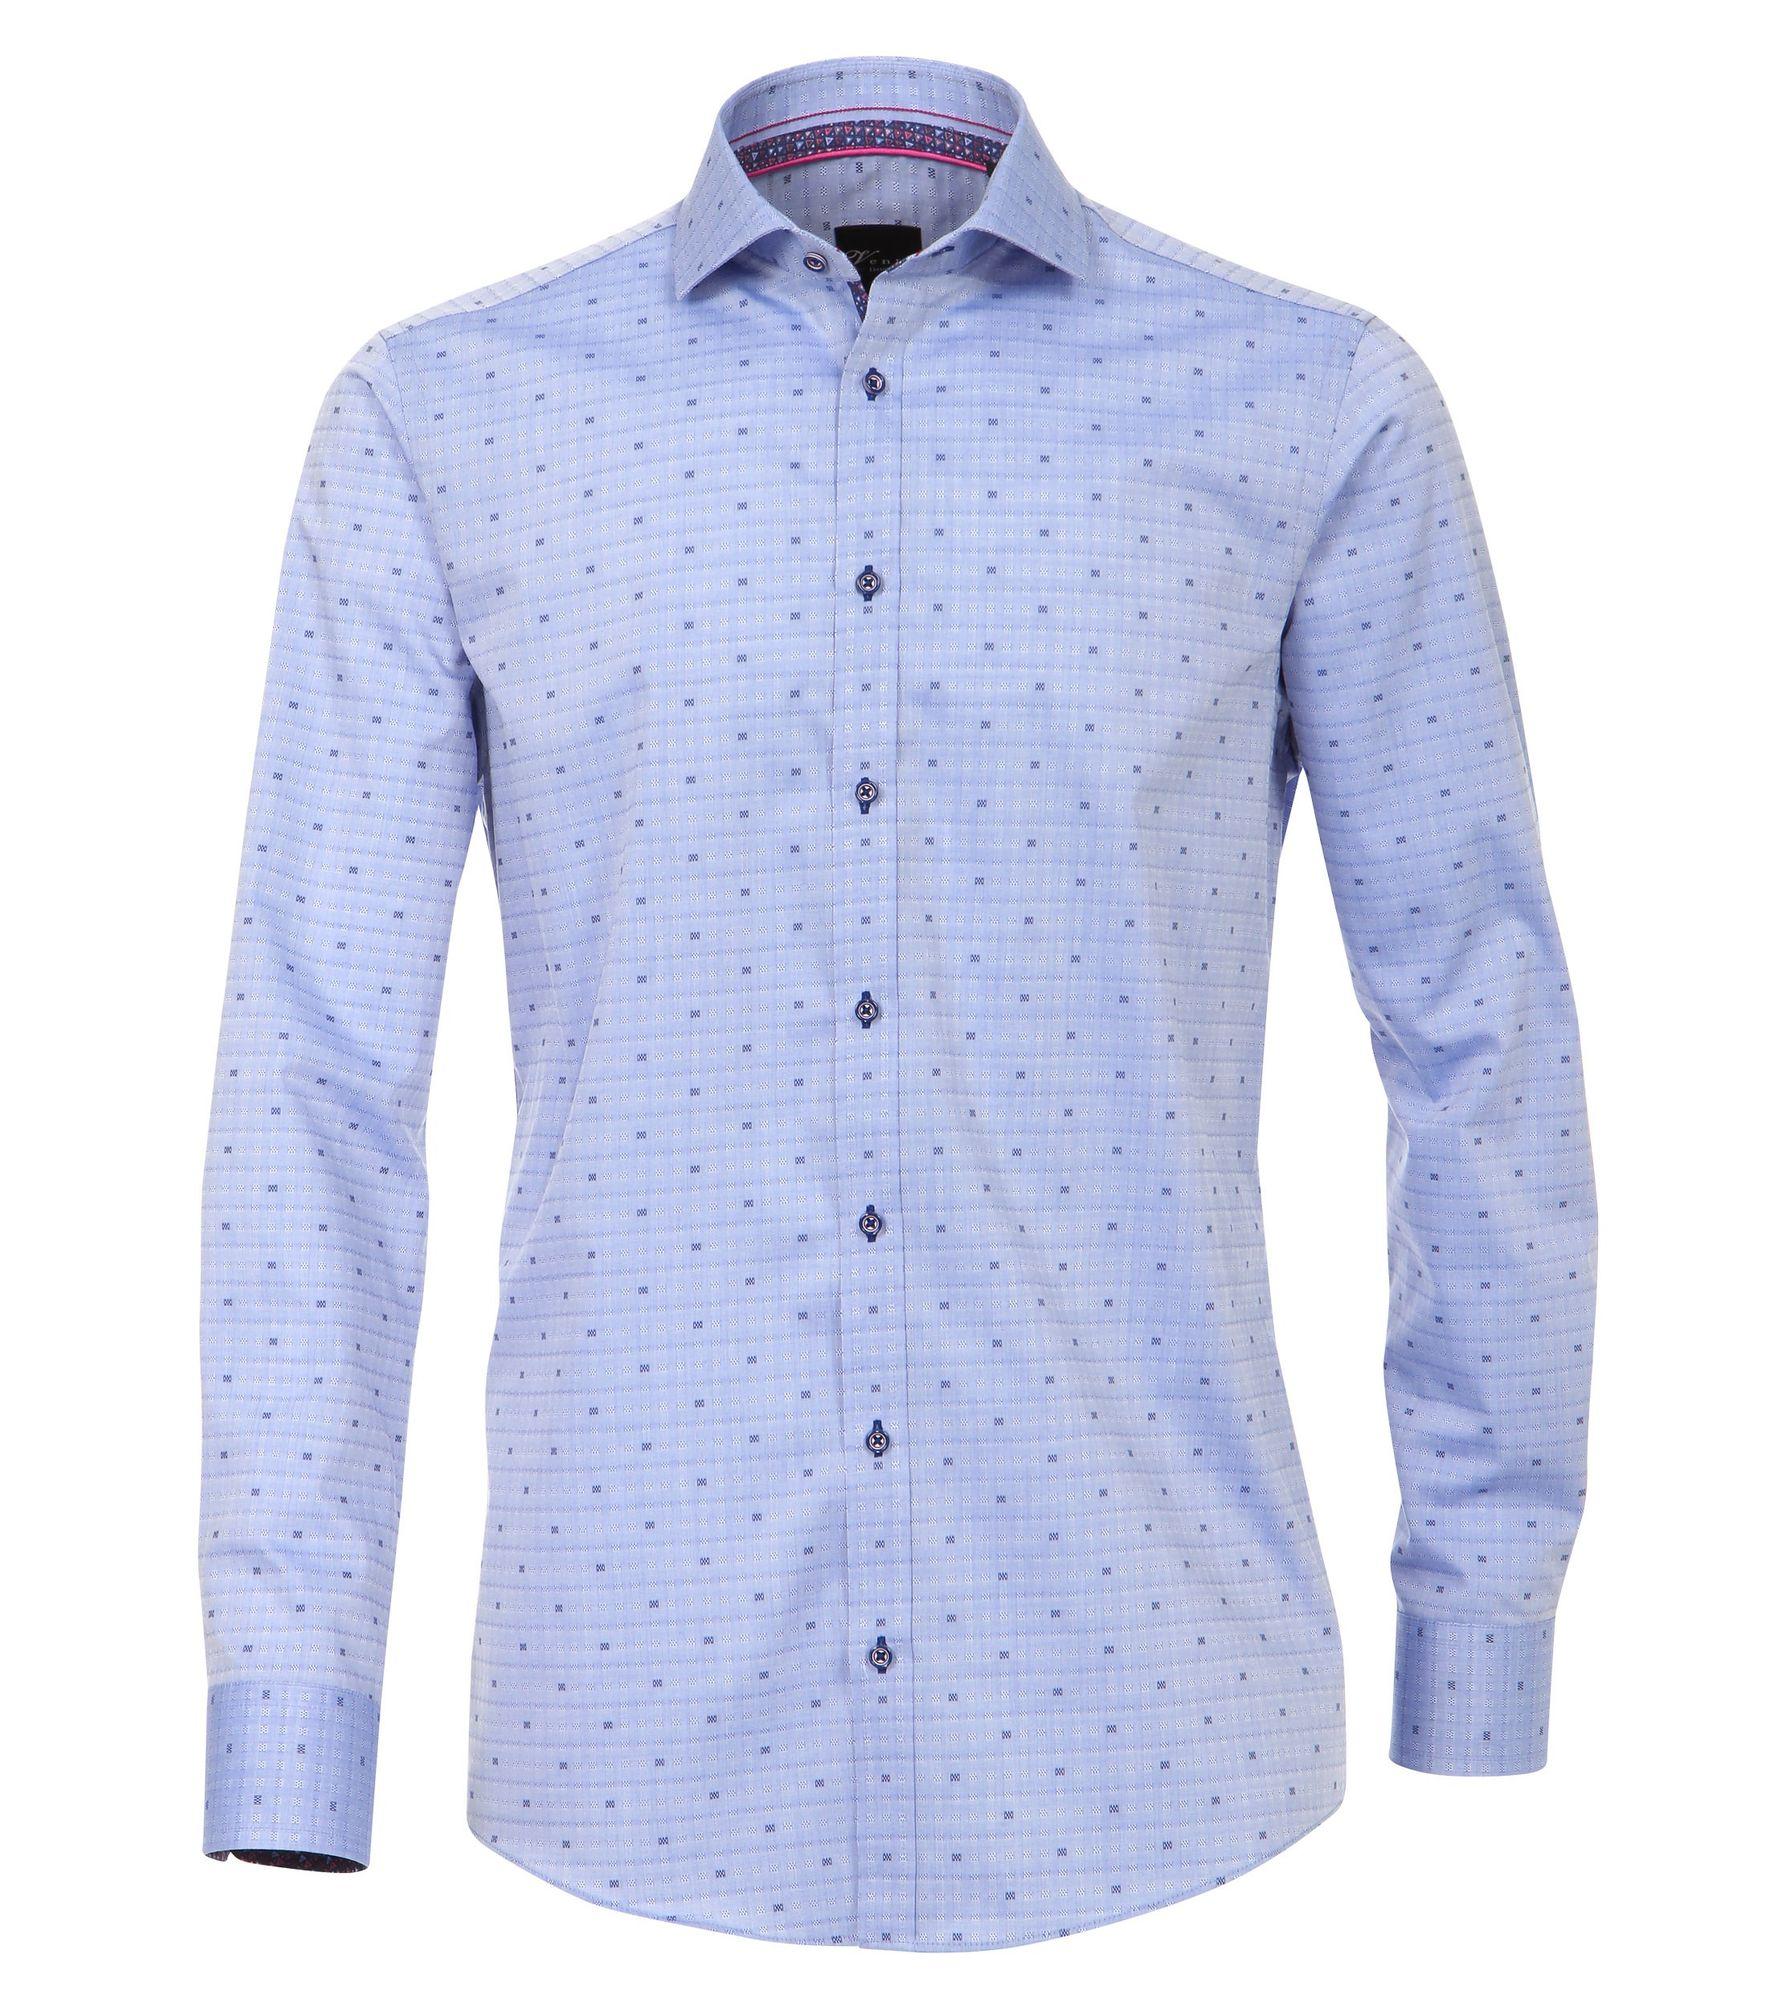 size 40 e99fa c0b33 Venti - Slim Fit - Herren Hemd mit modischem Druck in blau (172810700A)